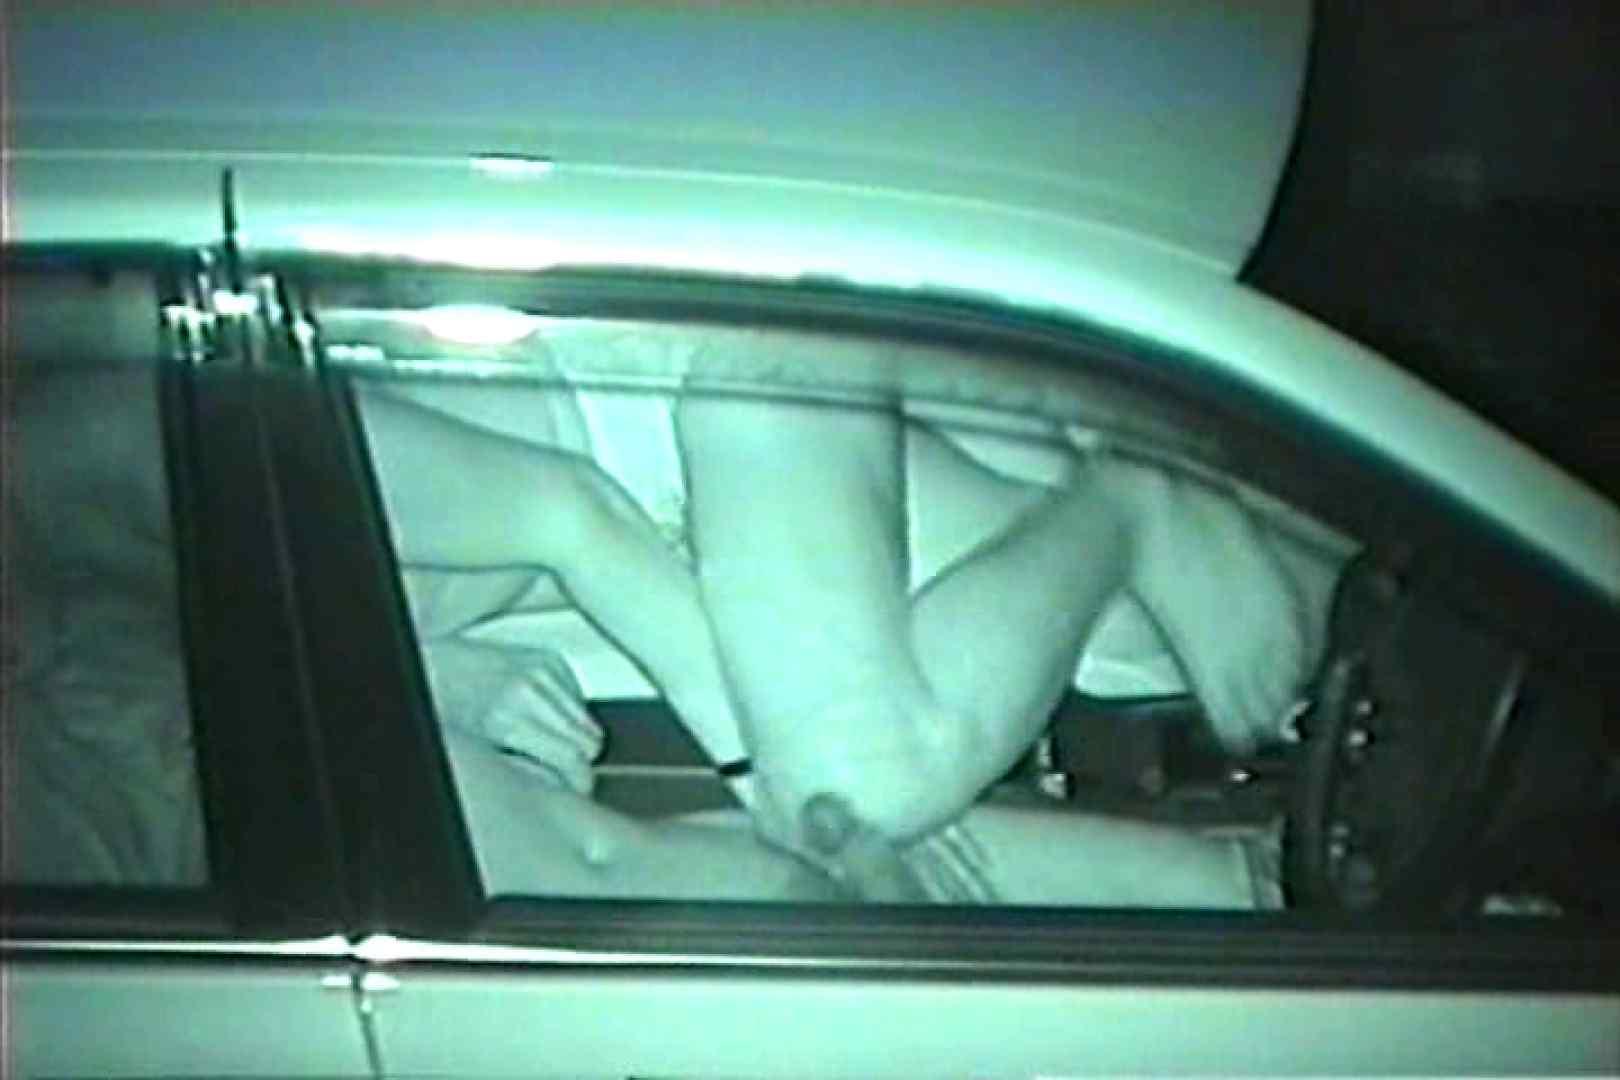 車の中はラブホテル 無修正版  Vol.28 ホテル のぞき動画キャプチャ 99pic 70